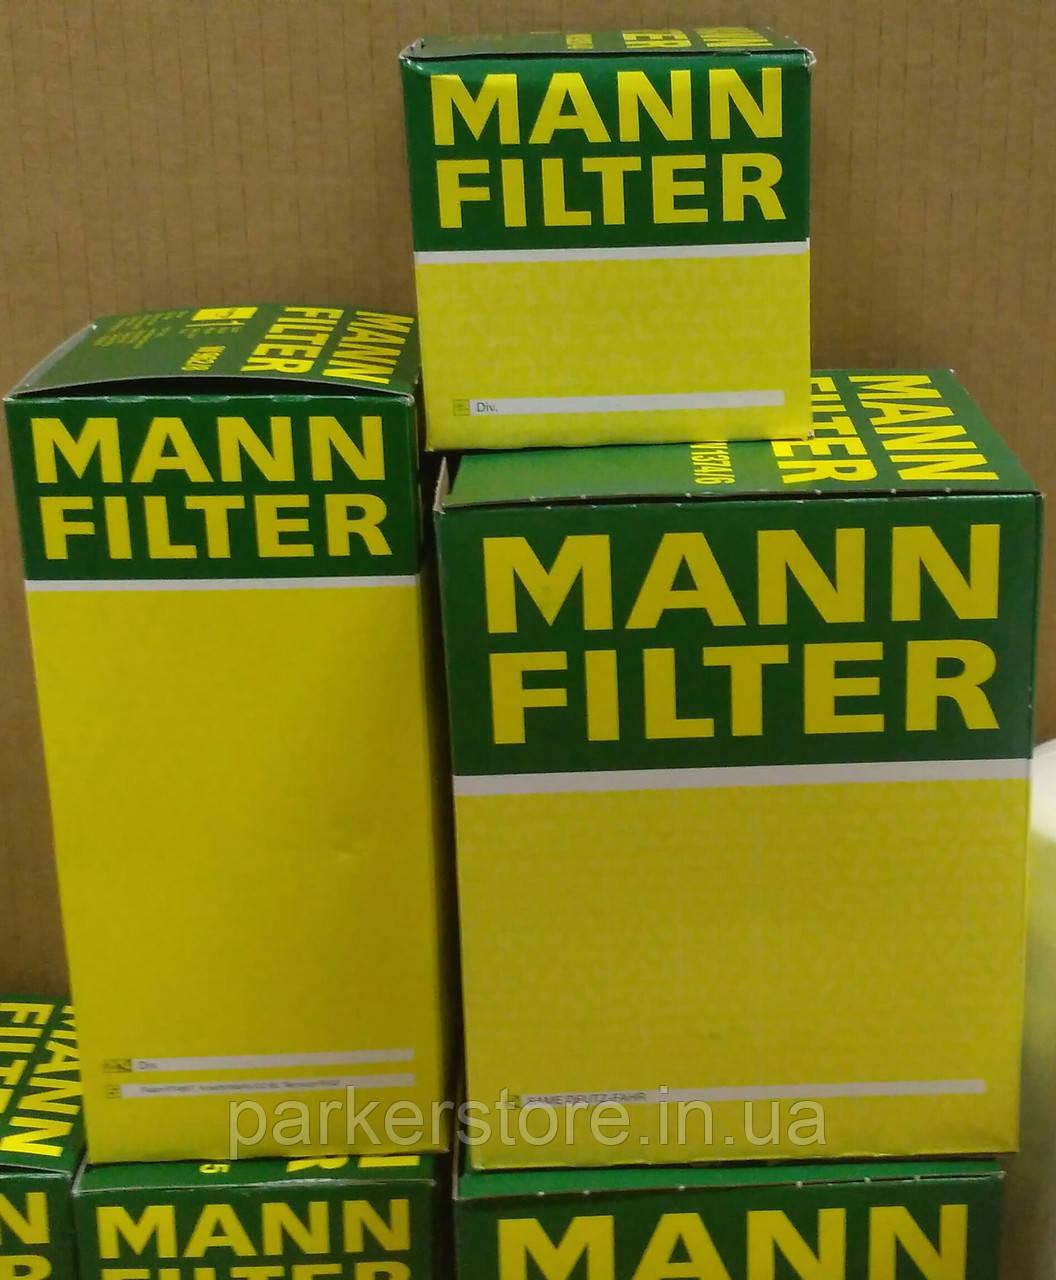 MANN FILTER / Воздушный фильтр / C 16 302 / C16302